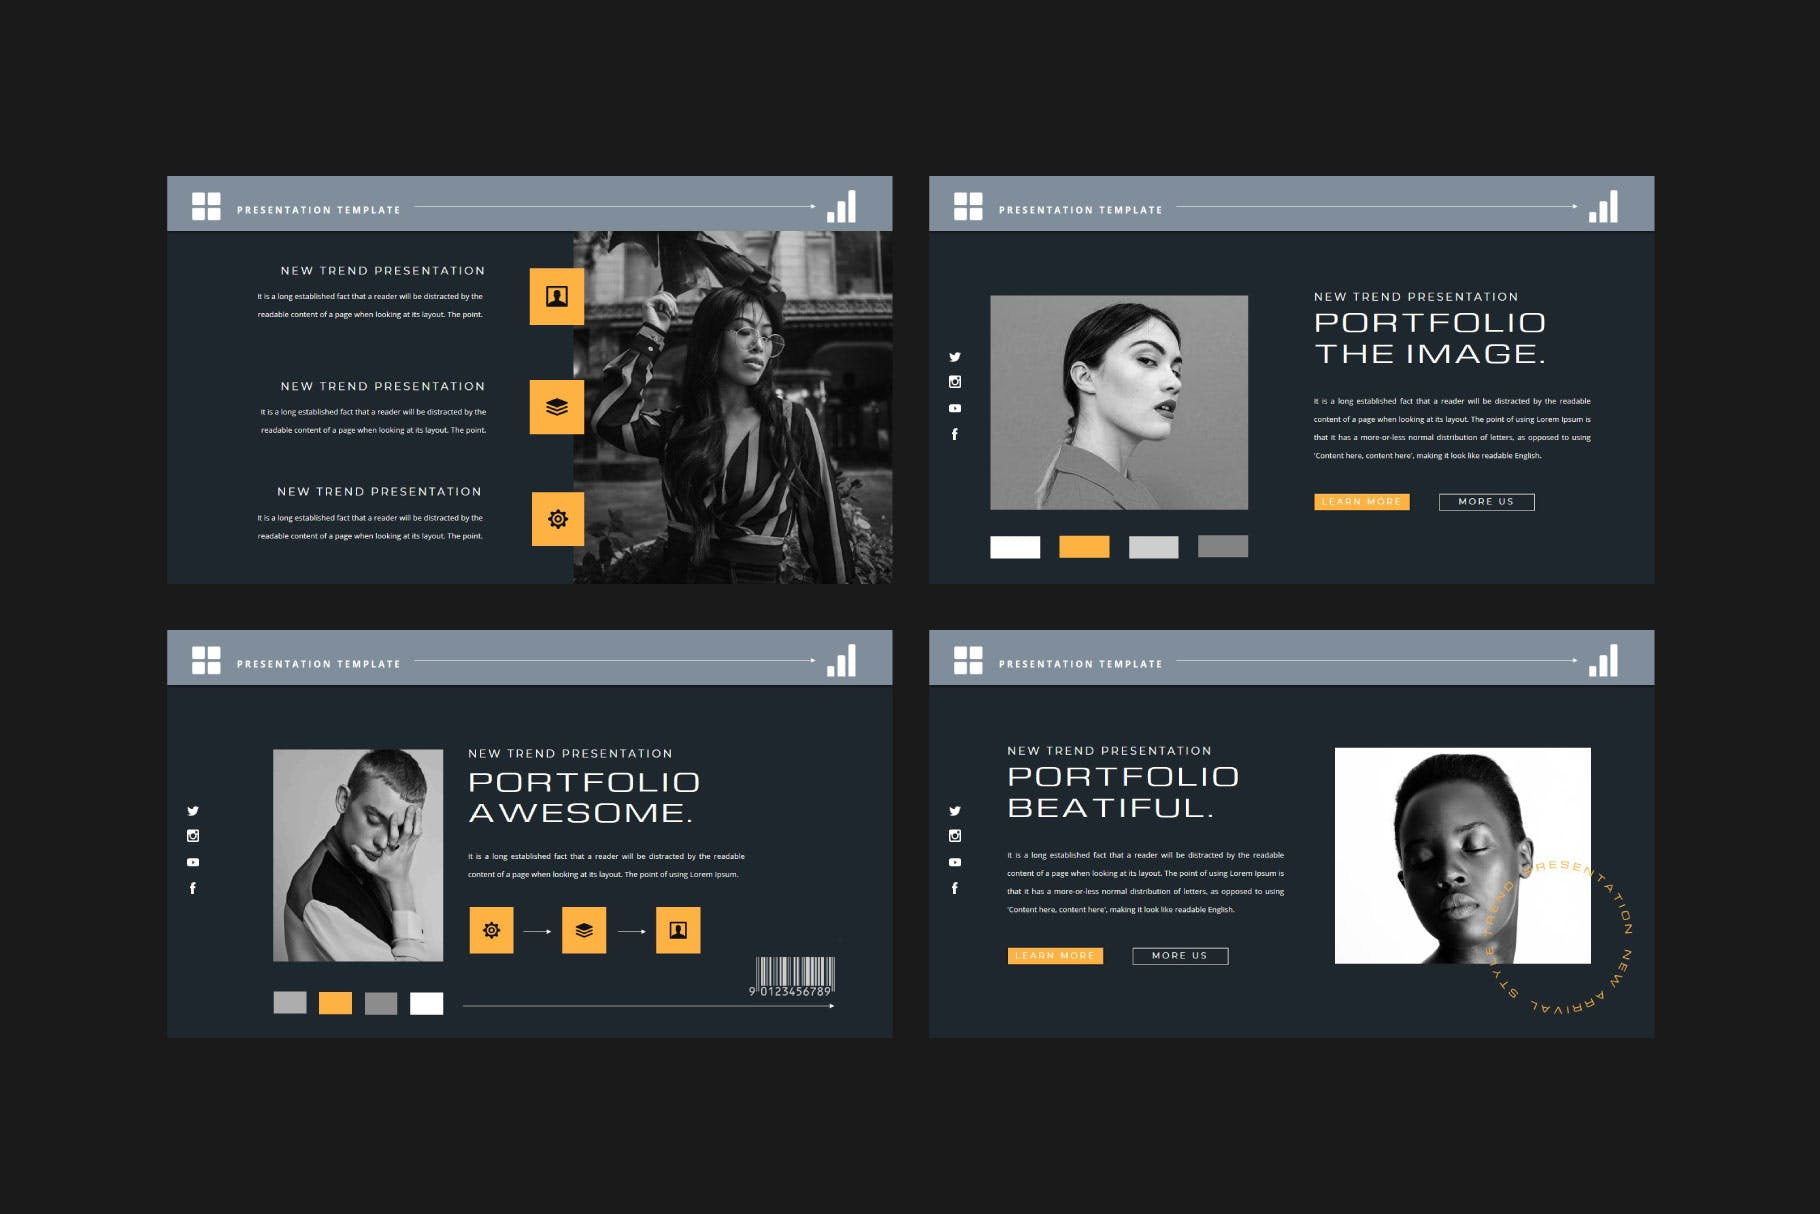 潮流品牌策划提案简报作品集设计演示文稿模板 KHADIEJA Powerpoint Template插图2